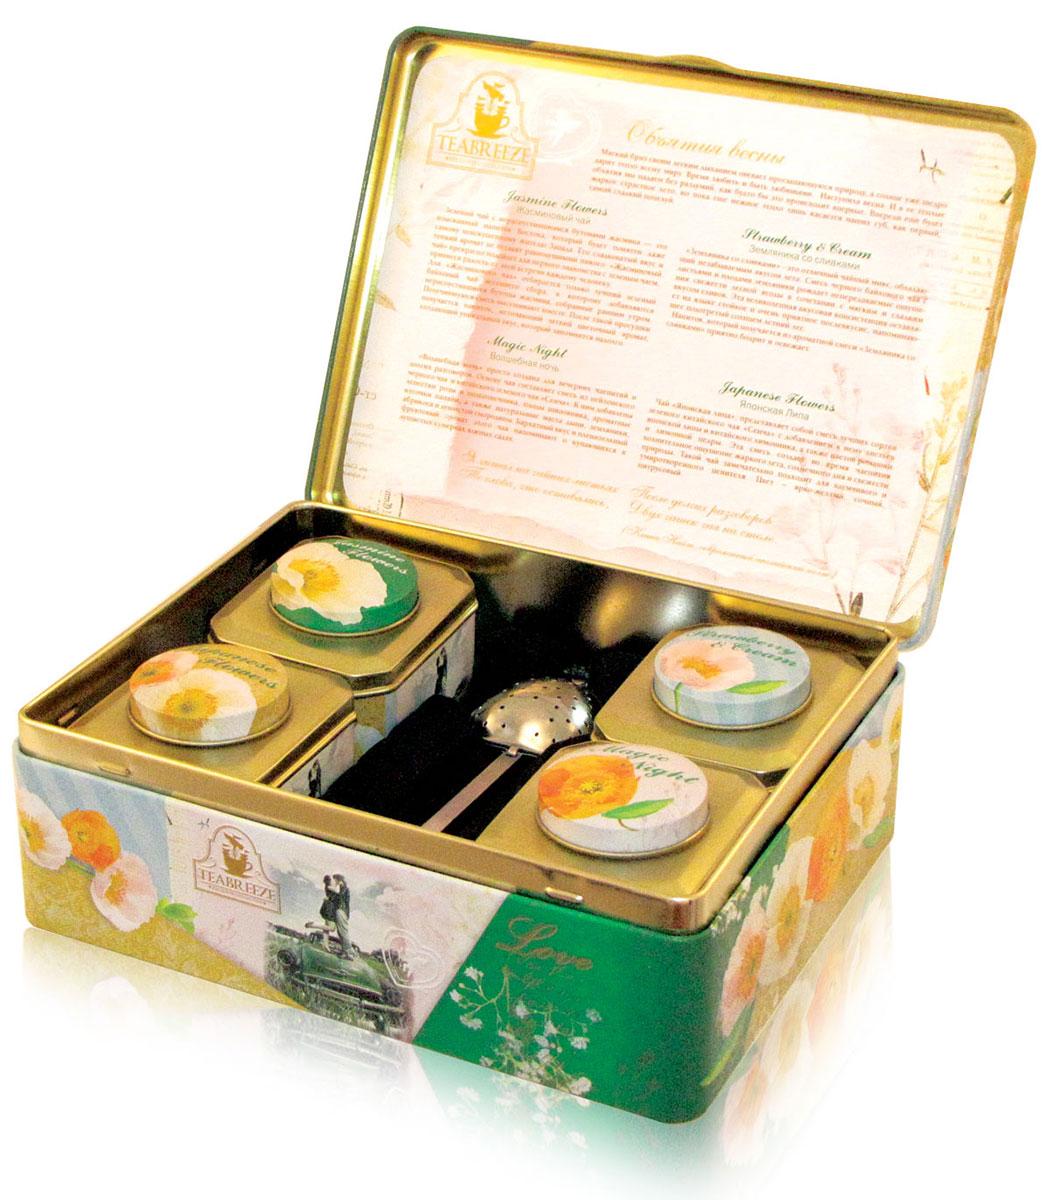 Teabreeze Объятия весны чай ароматизированный в подарочной шкатулке, 200 г4620009892008Чайная шкатулка Объятия весны включает в себя несколько видов чая. Чай Земляника со сливками 50 г. Земляника со сливками - это отличный чайный микс, обладающий незабываемым вкусом лета. Смесь черного байхового чая с листьями и плодами земляники рождает непередаваемые ощущения свежести лесной ягоды в сочетании с мягким и сладким вкусом сливок. Эта великолепная вкусовая консистенция оставляет на языке стойкое и очень приятное послевкусие, напоминающее подогретый солнцем летний лес. Напиток, который получается из ароматной смеси Земляника со сливками приятно бодрит и освежает. Чай Волшебная ночь 50 г. Волшебная ночь просто создана для вечерних чаепитий и долгих разговоров. Основу чая составляет смесь из цейлонского черного чая и китайского зеленого чая Сенча. К ним добавлены лепестки розы и подсолнечника, плоды шиповника, ароматные кусочки папайи, а также натуральные масла дыни, земляники, абрикоса и душистой смородины. Бархатный вкус и...